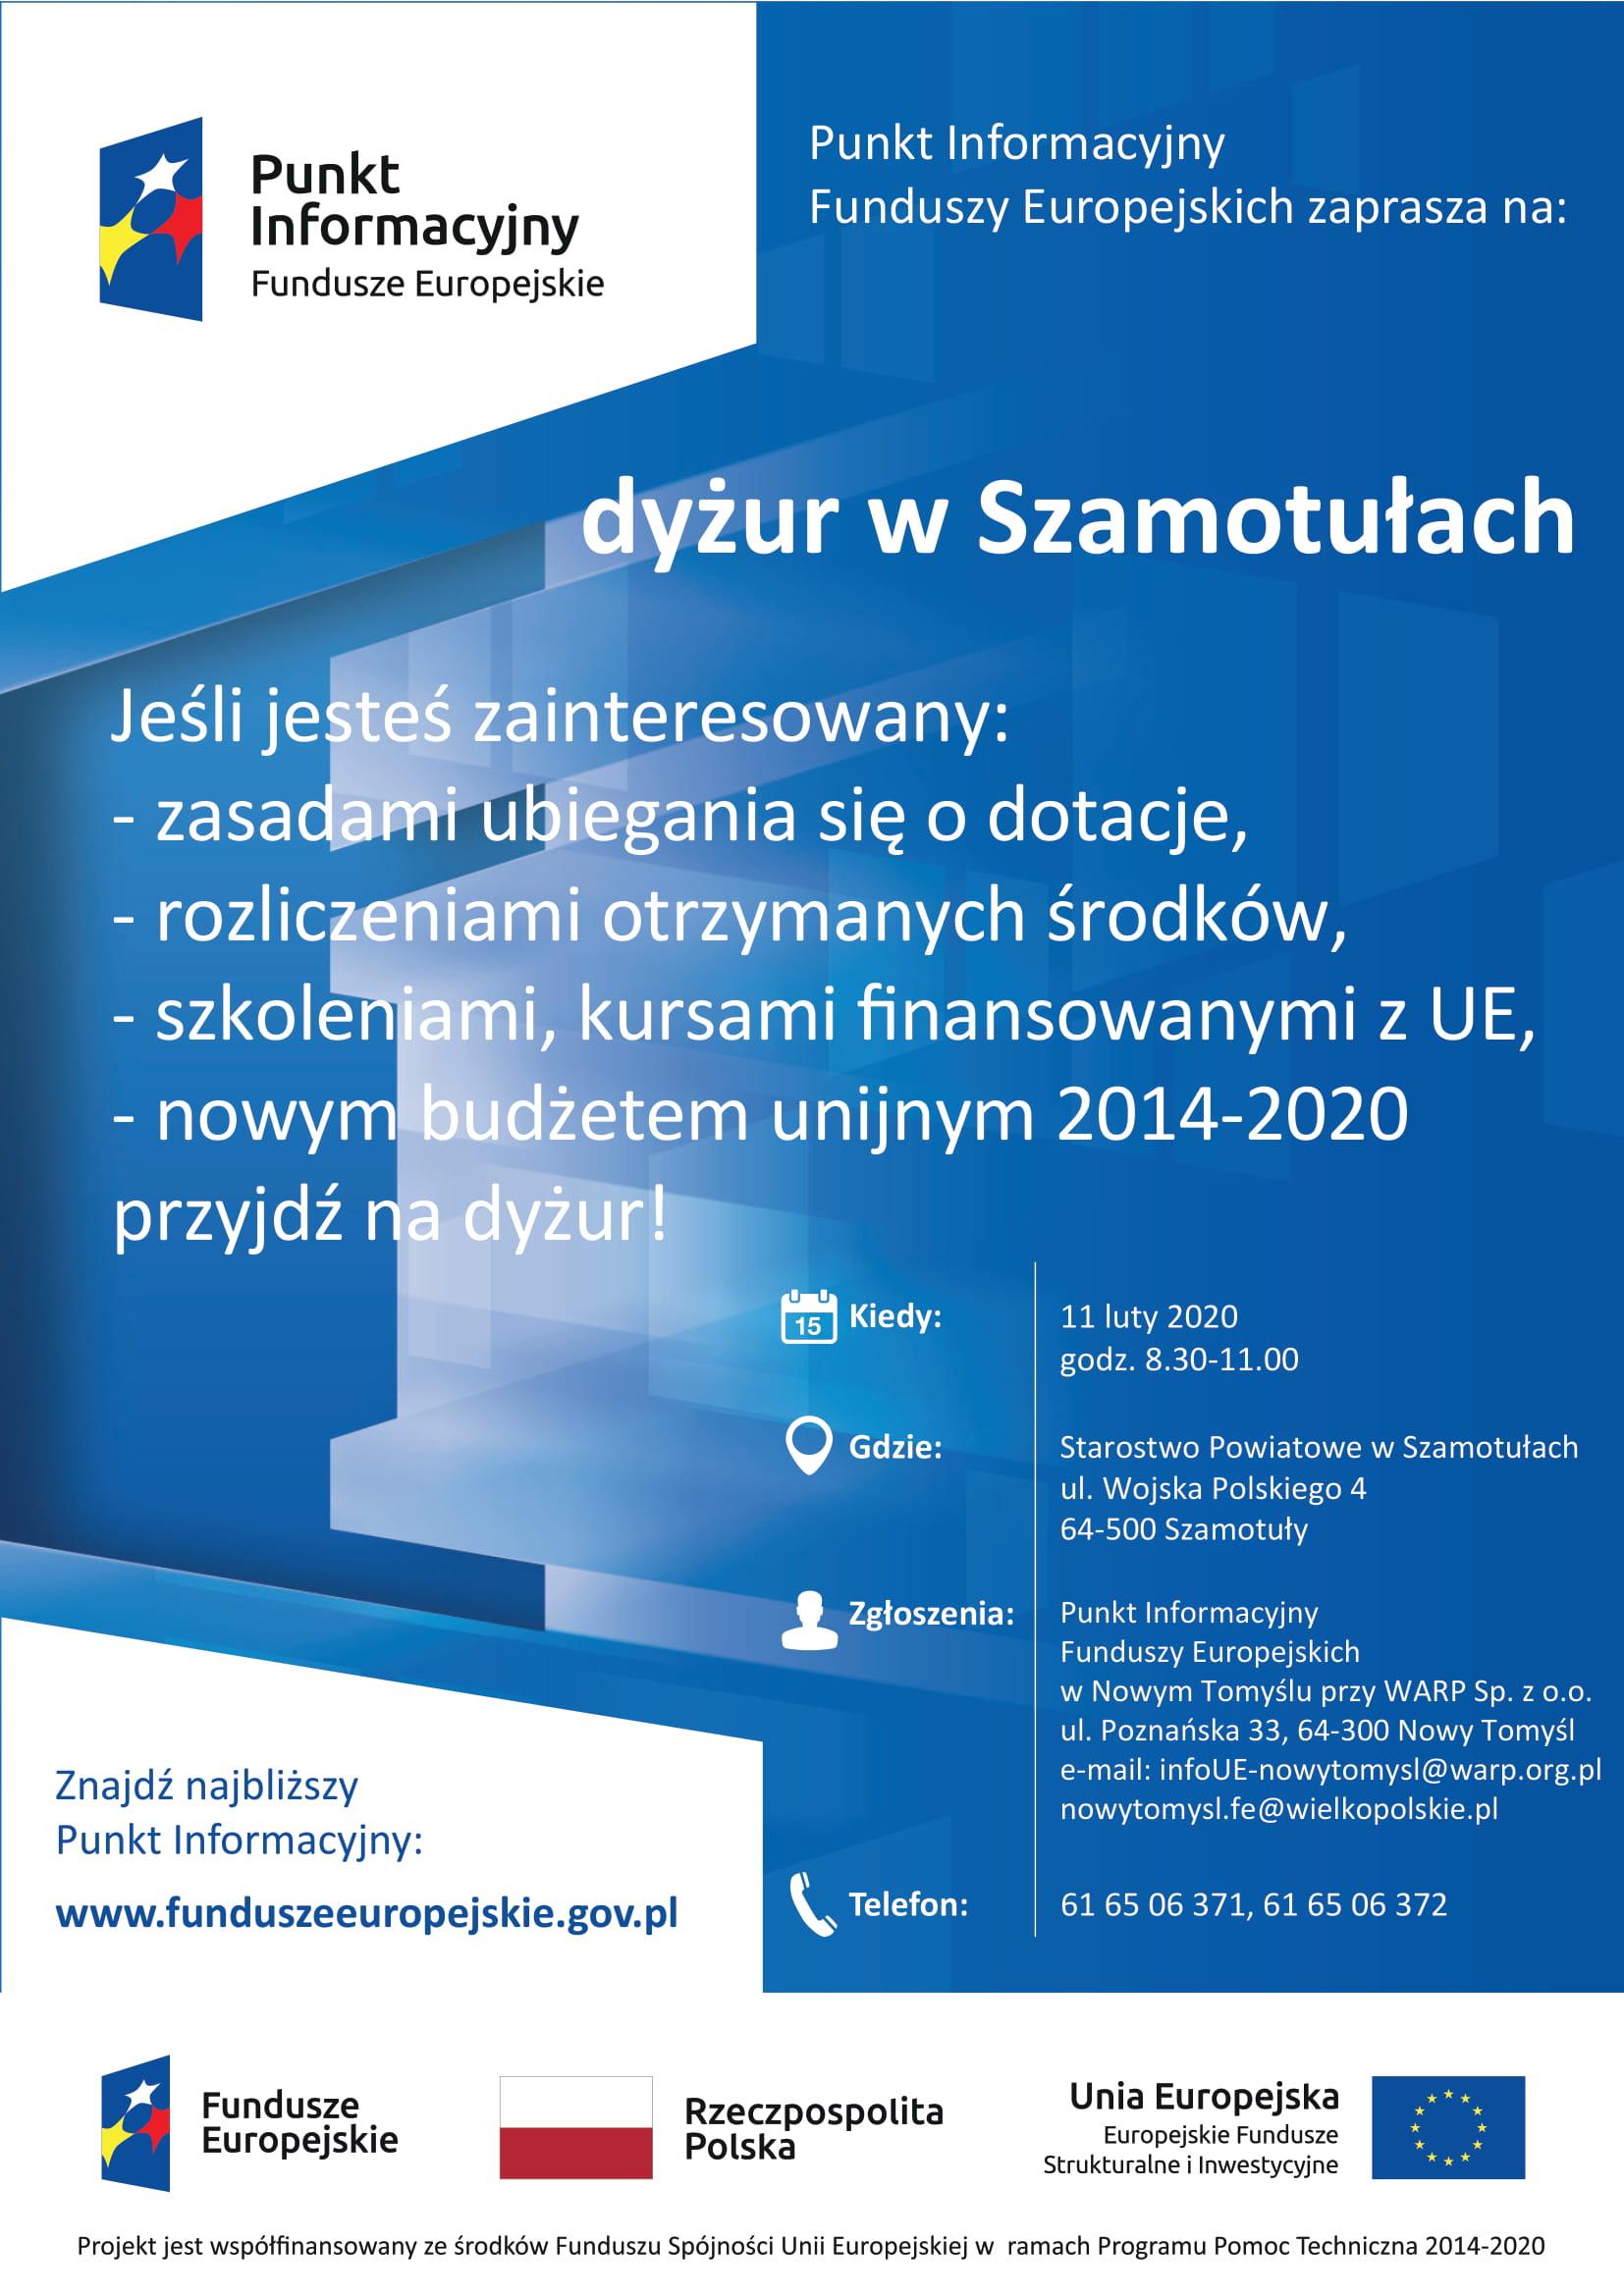 Plakat promujący dyżur Punktu Informacyjnego Funduszy Europejskich.